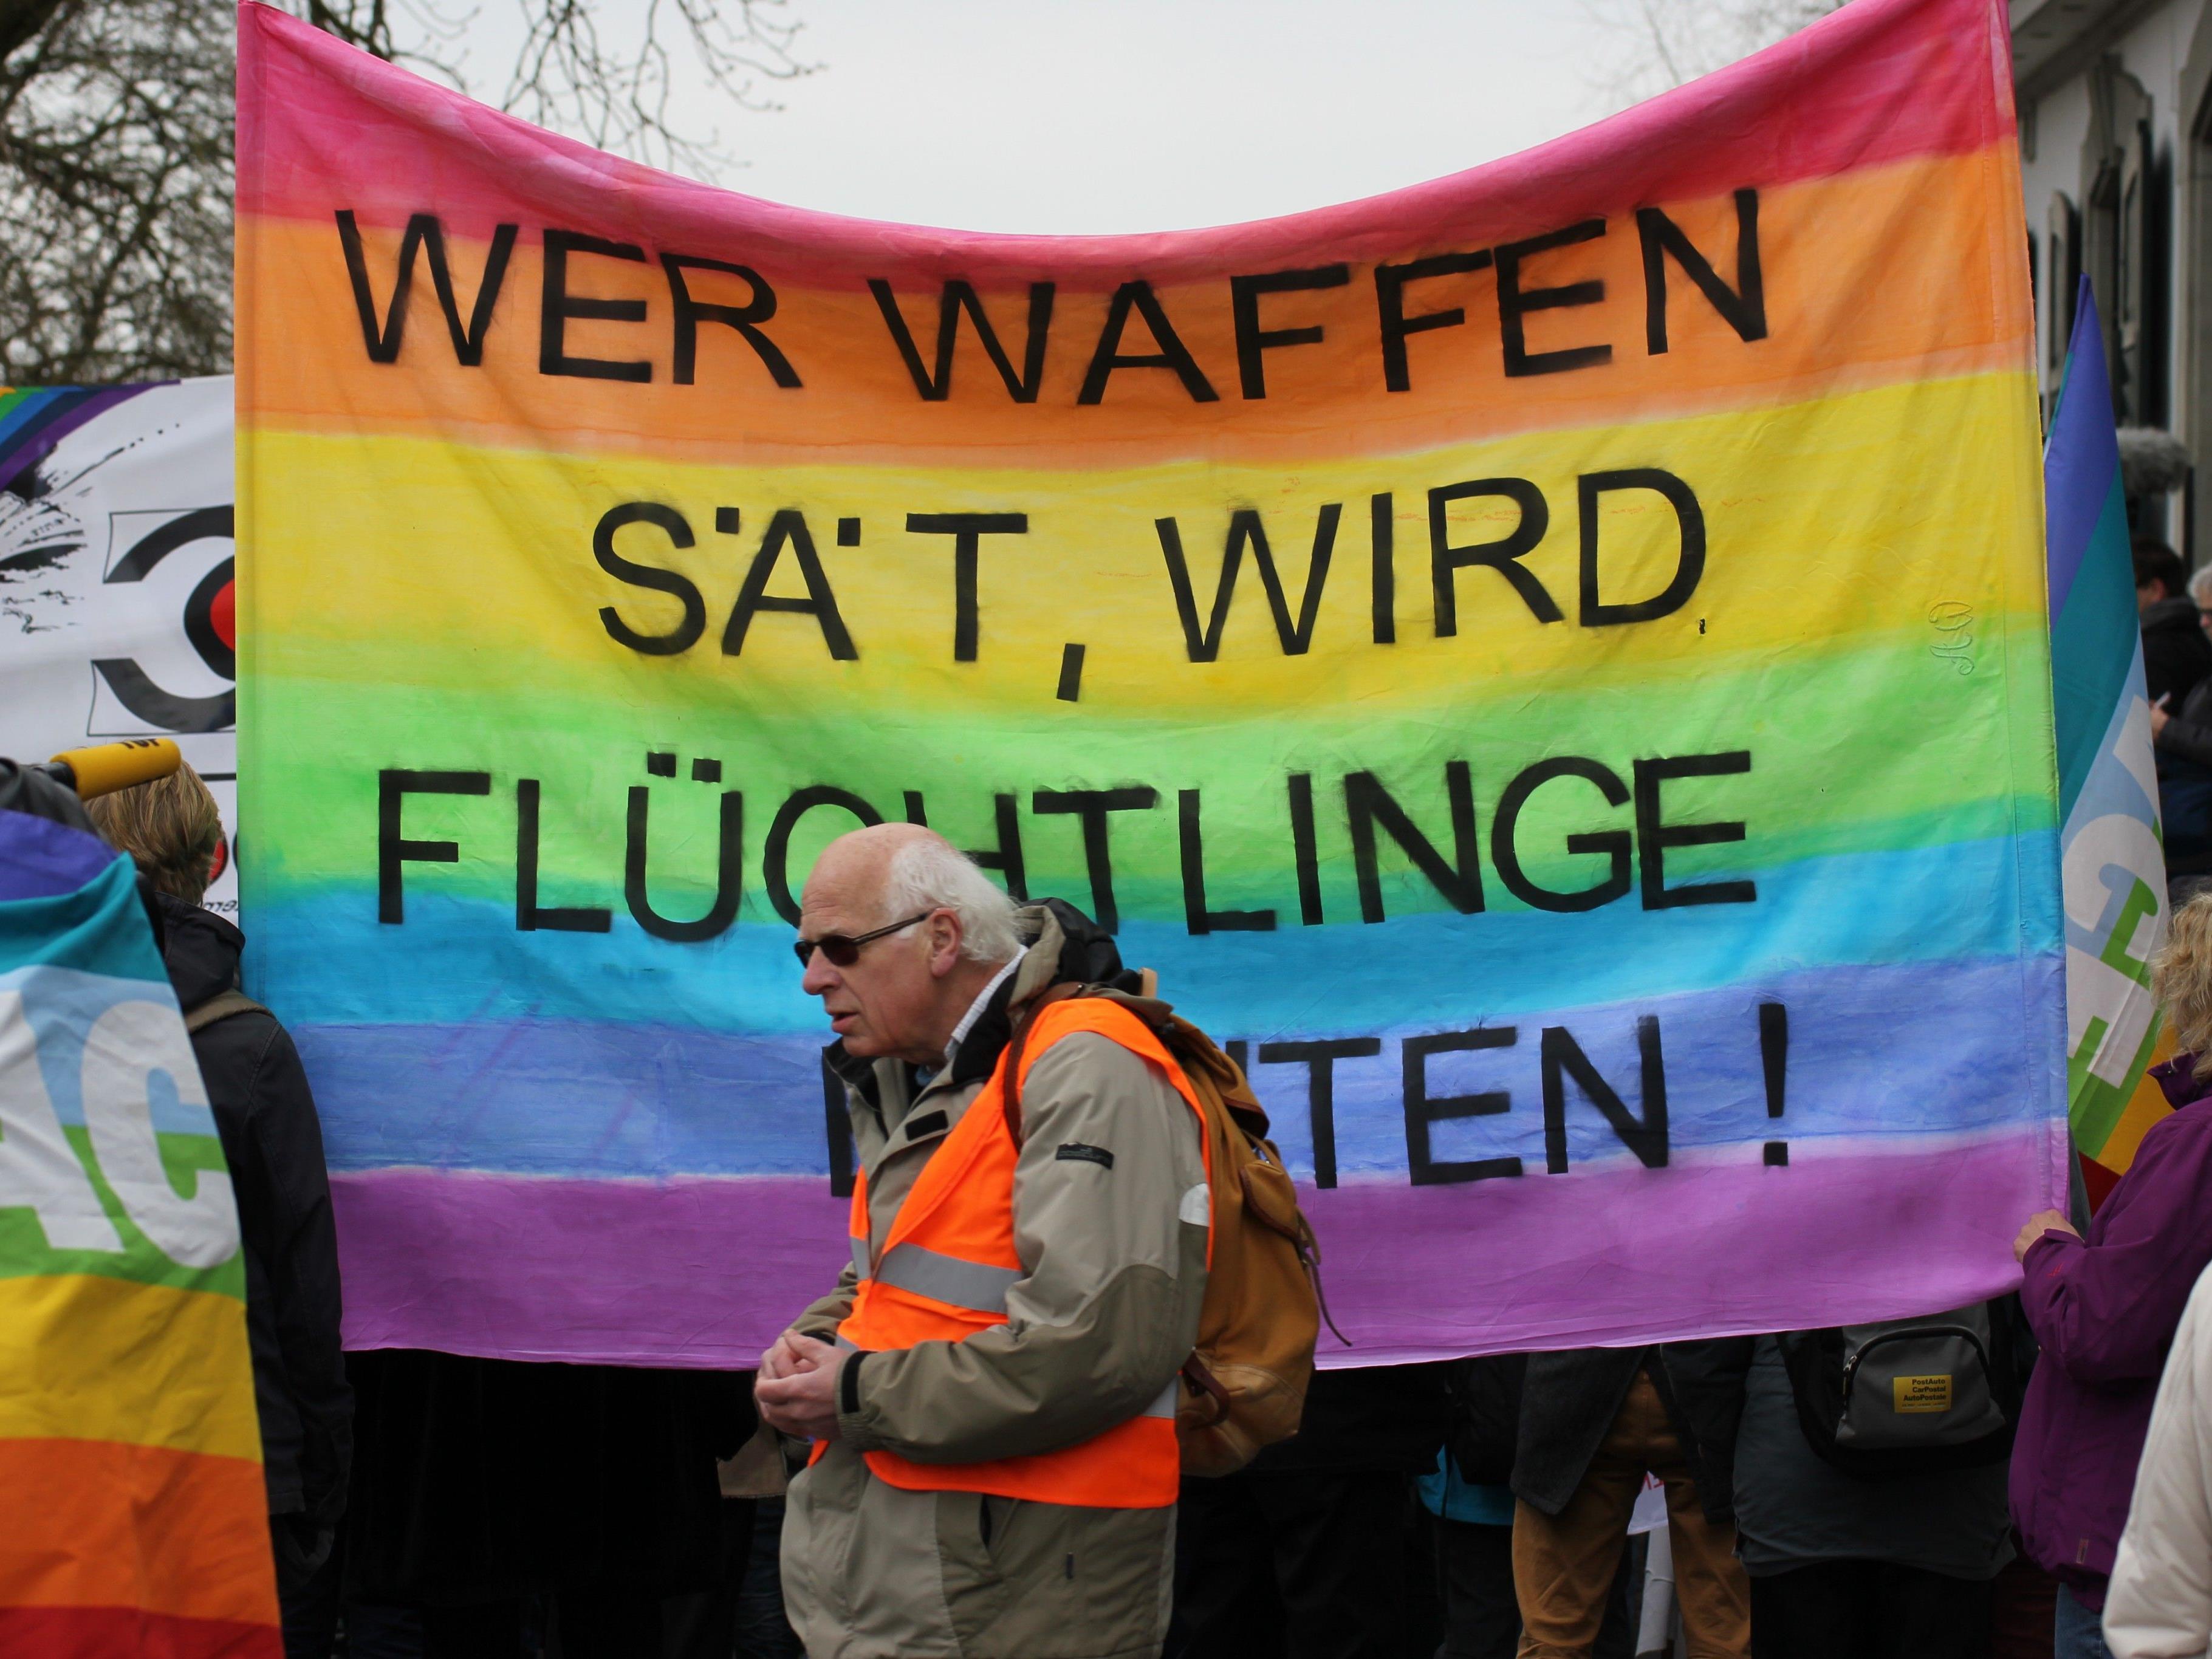 Offene Grenzen für Menschen ist ein Gebot der Humanität. Waffenhandel und -produktion abzuschaffen ist ein Gebot der Vernunft. Darum geht es in der Mahnwache am 12. Juli, 16 Uhr an der Grenze Lindau/Unerhochsteg.